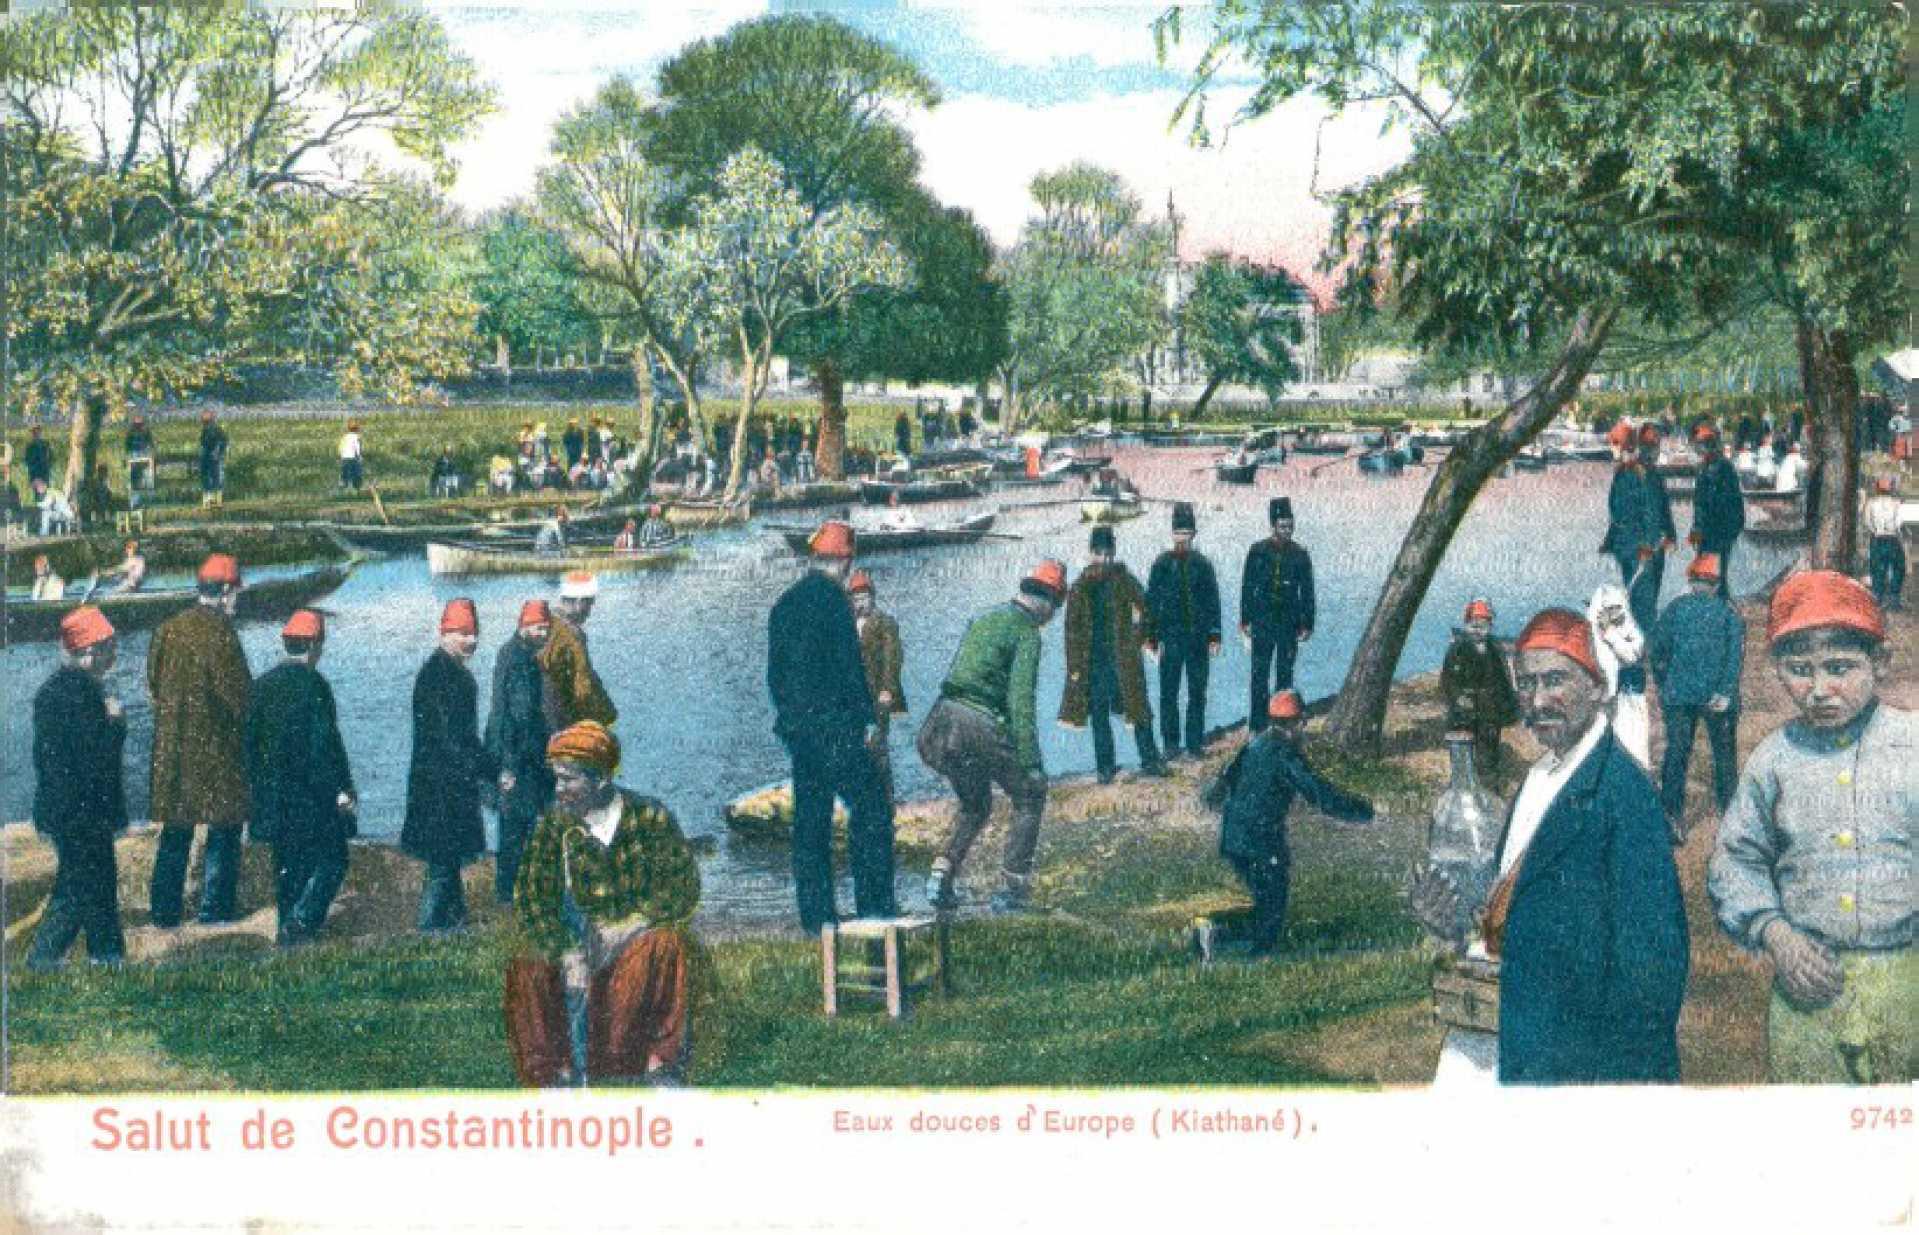 Salut de Constantinople. Eaux douces d'Europe (Kiathane)